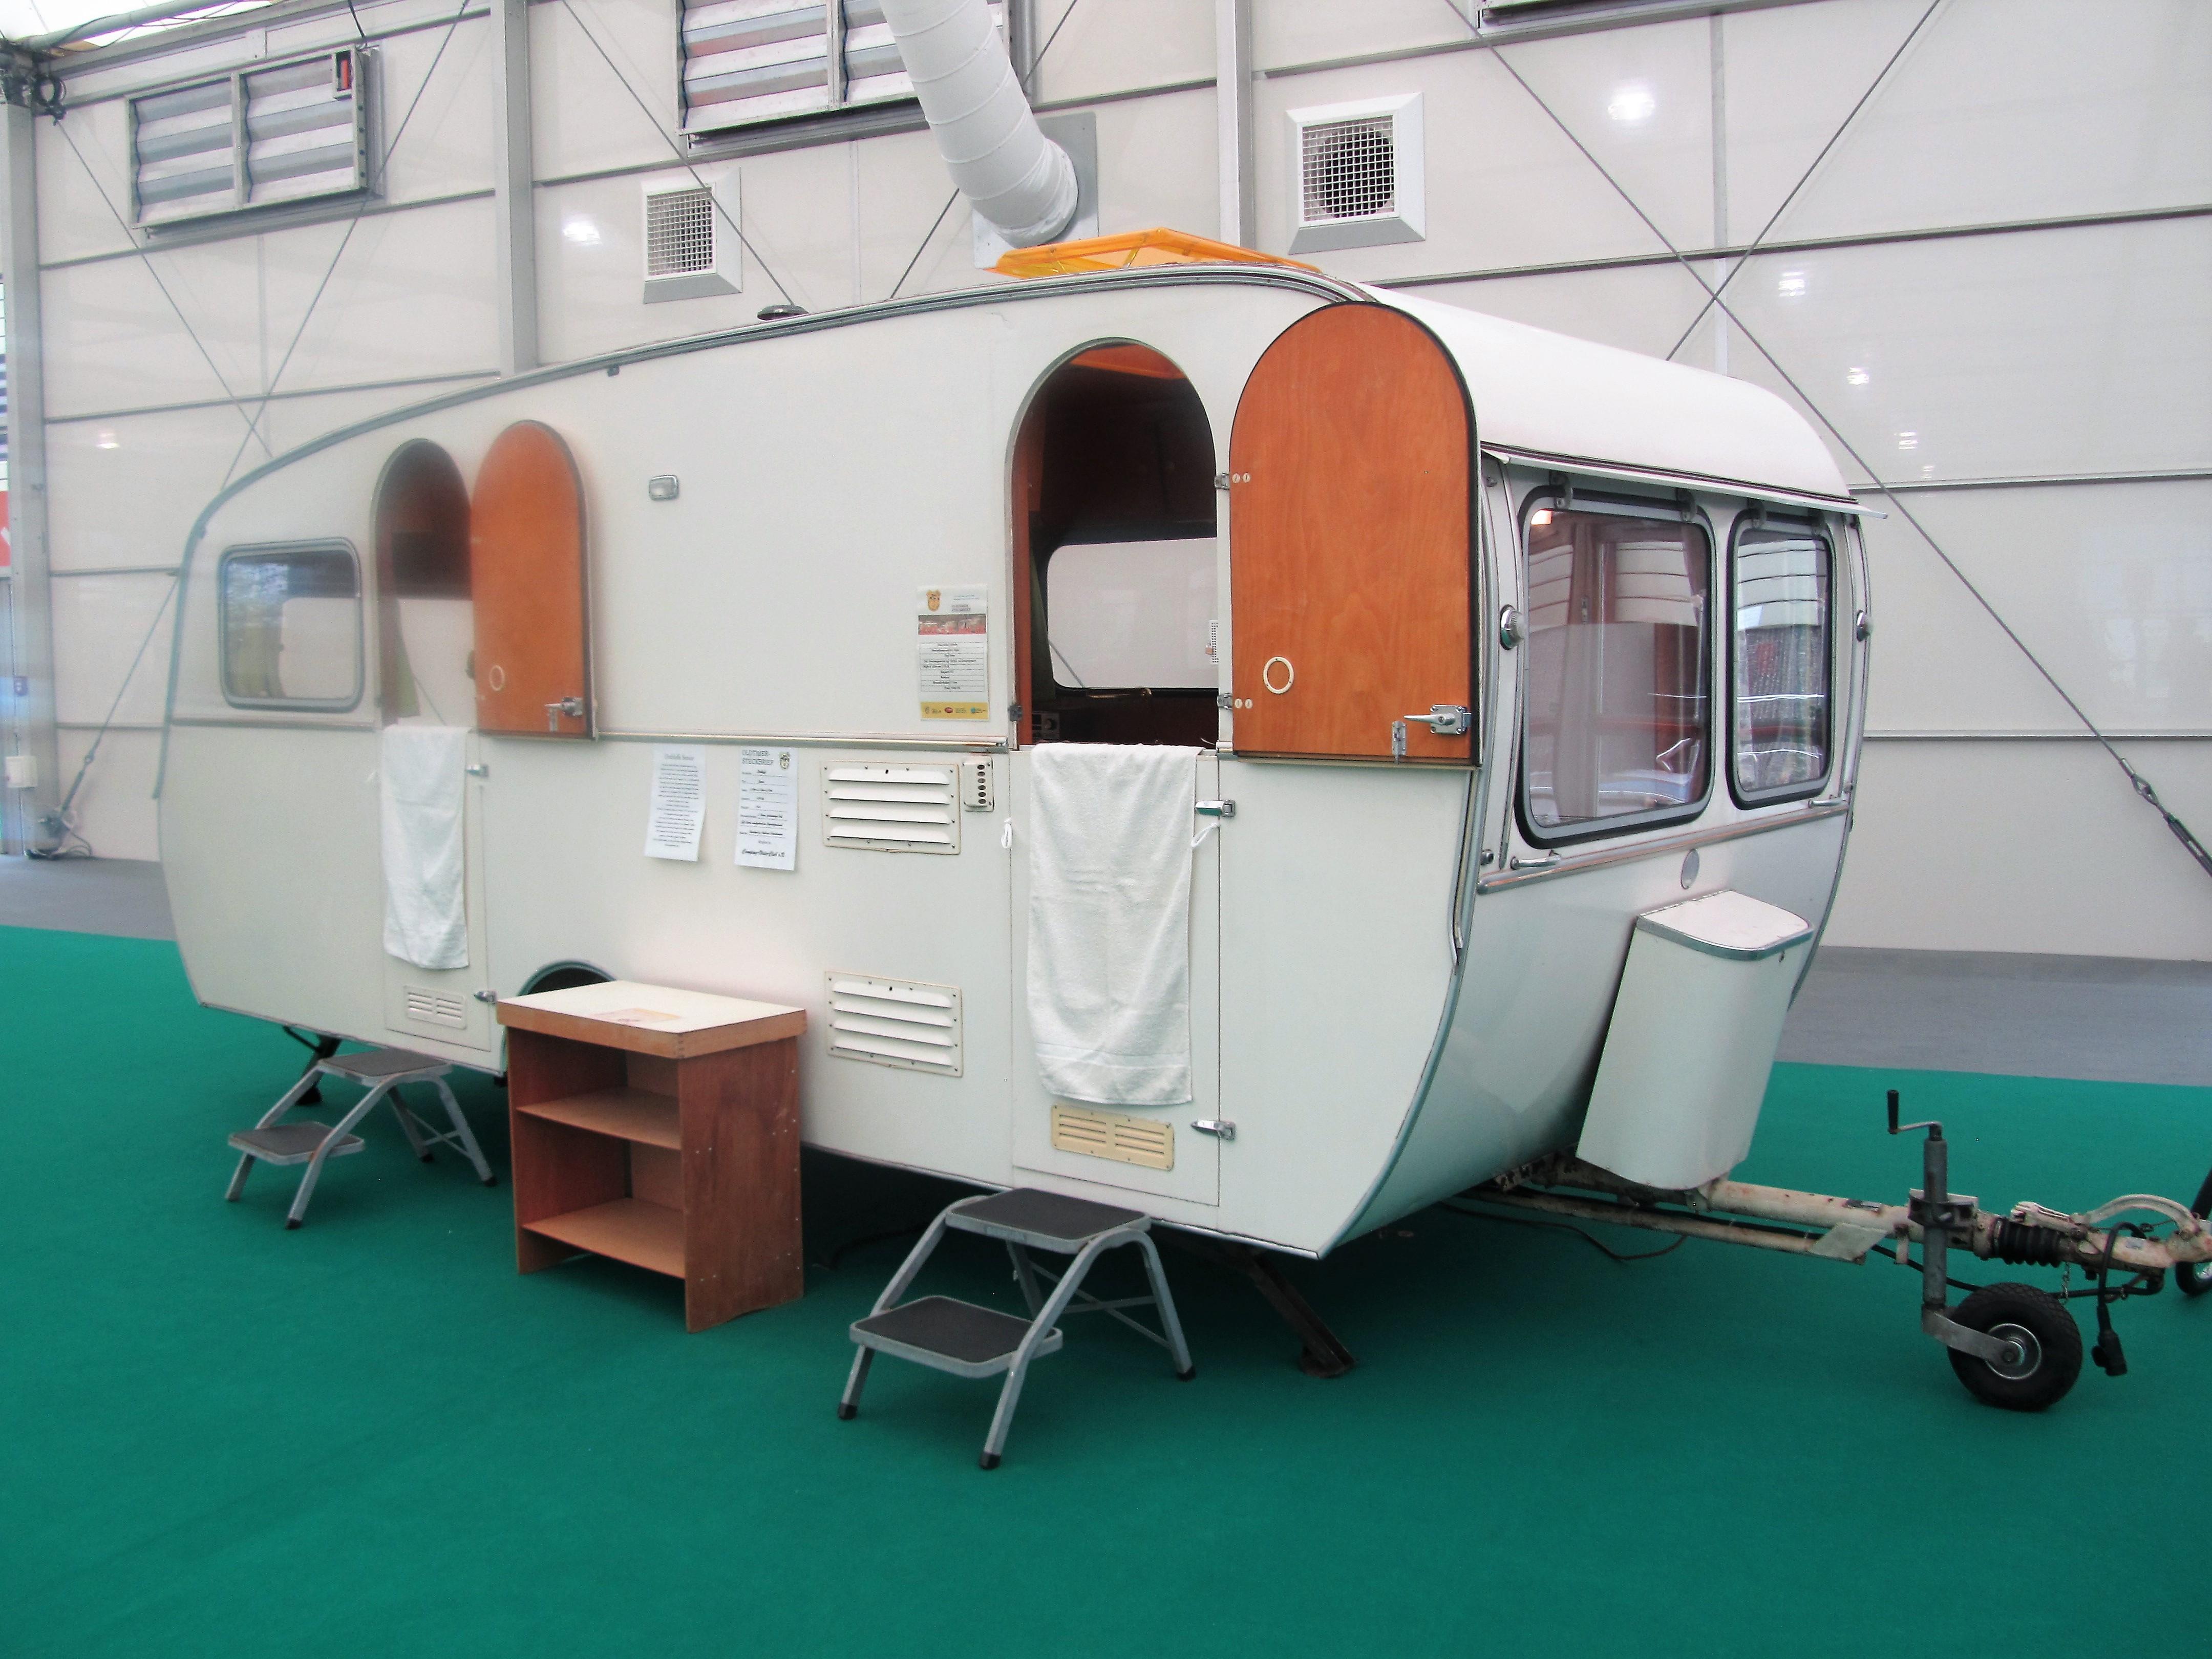 Wohnwagen Mit Etagenbett Und Querbett : Adria adora 673 pk: wieder ein wohnwagen mit zwei eingängen u2013 die